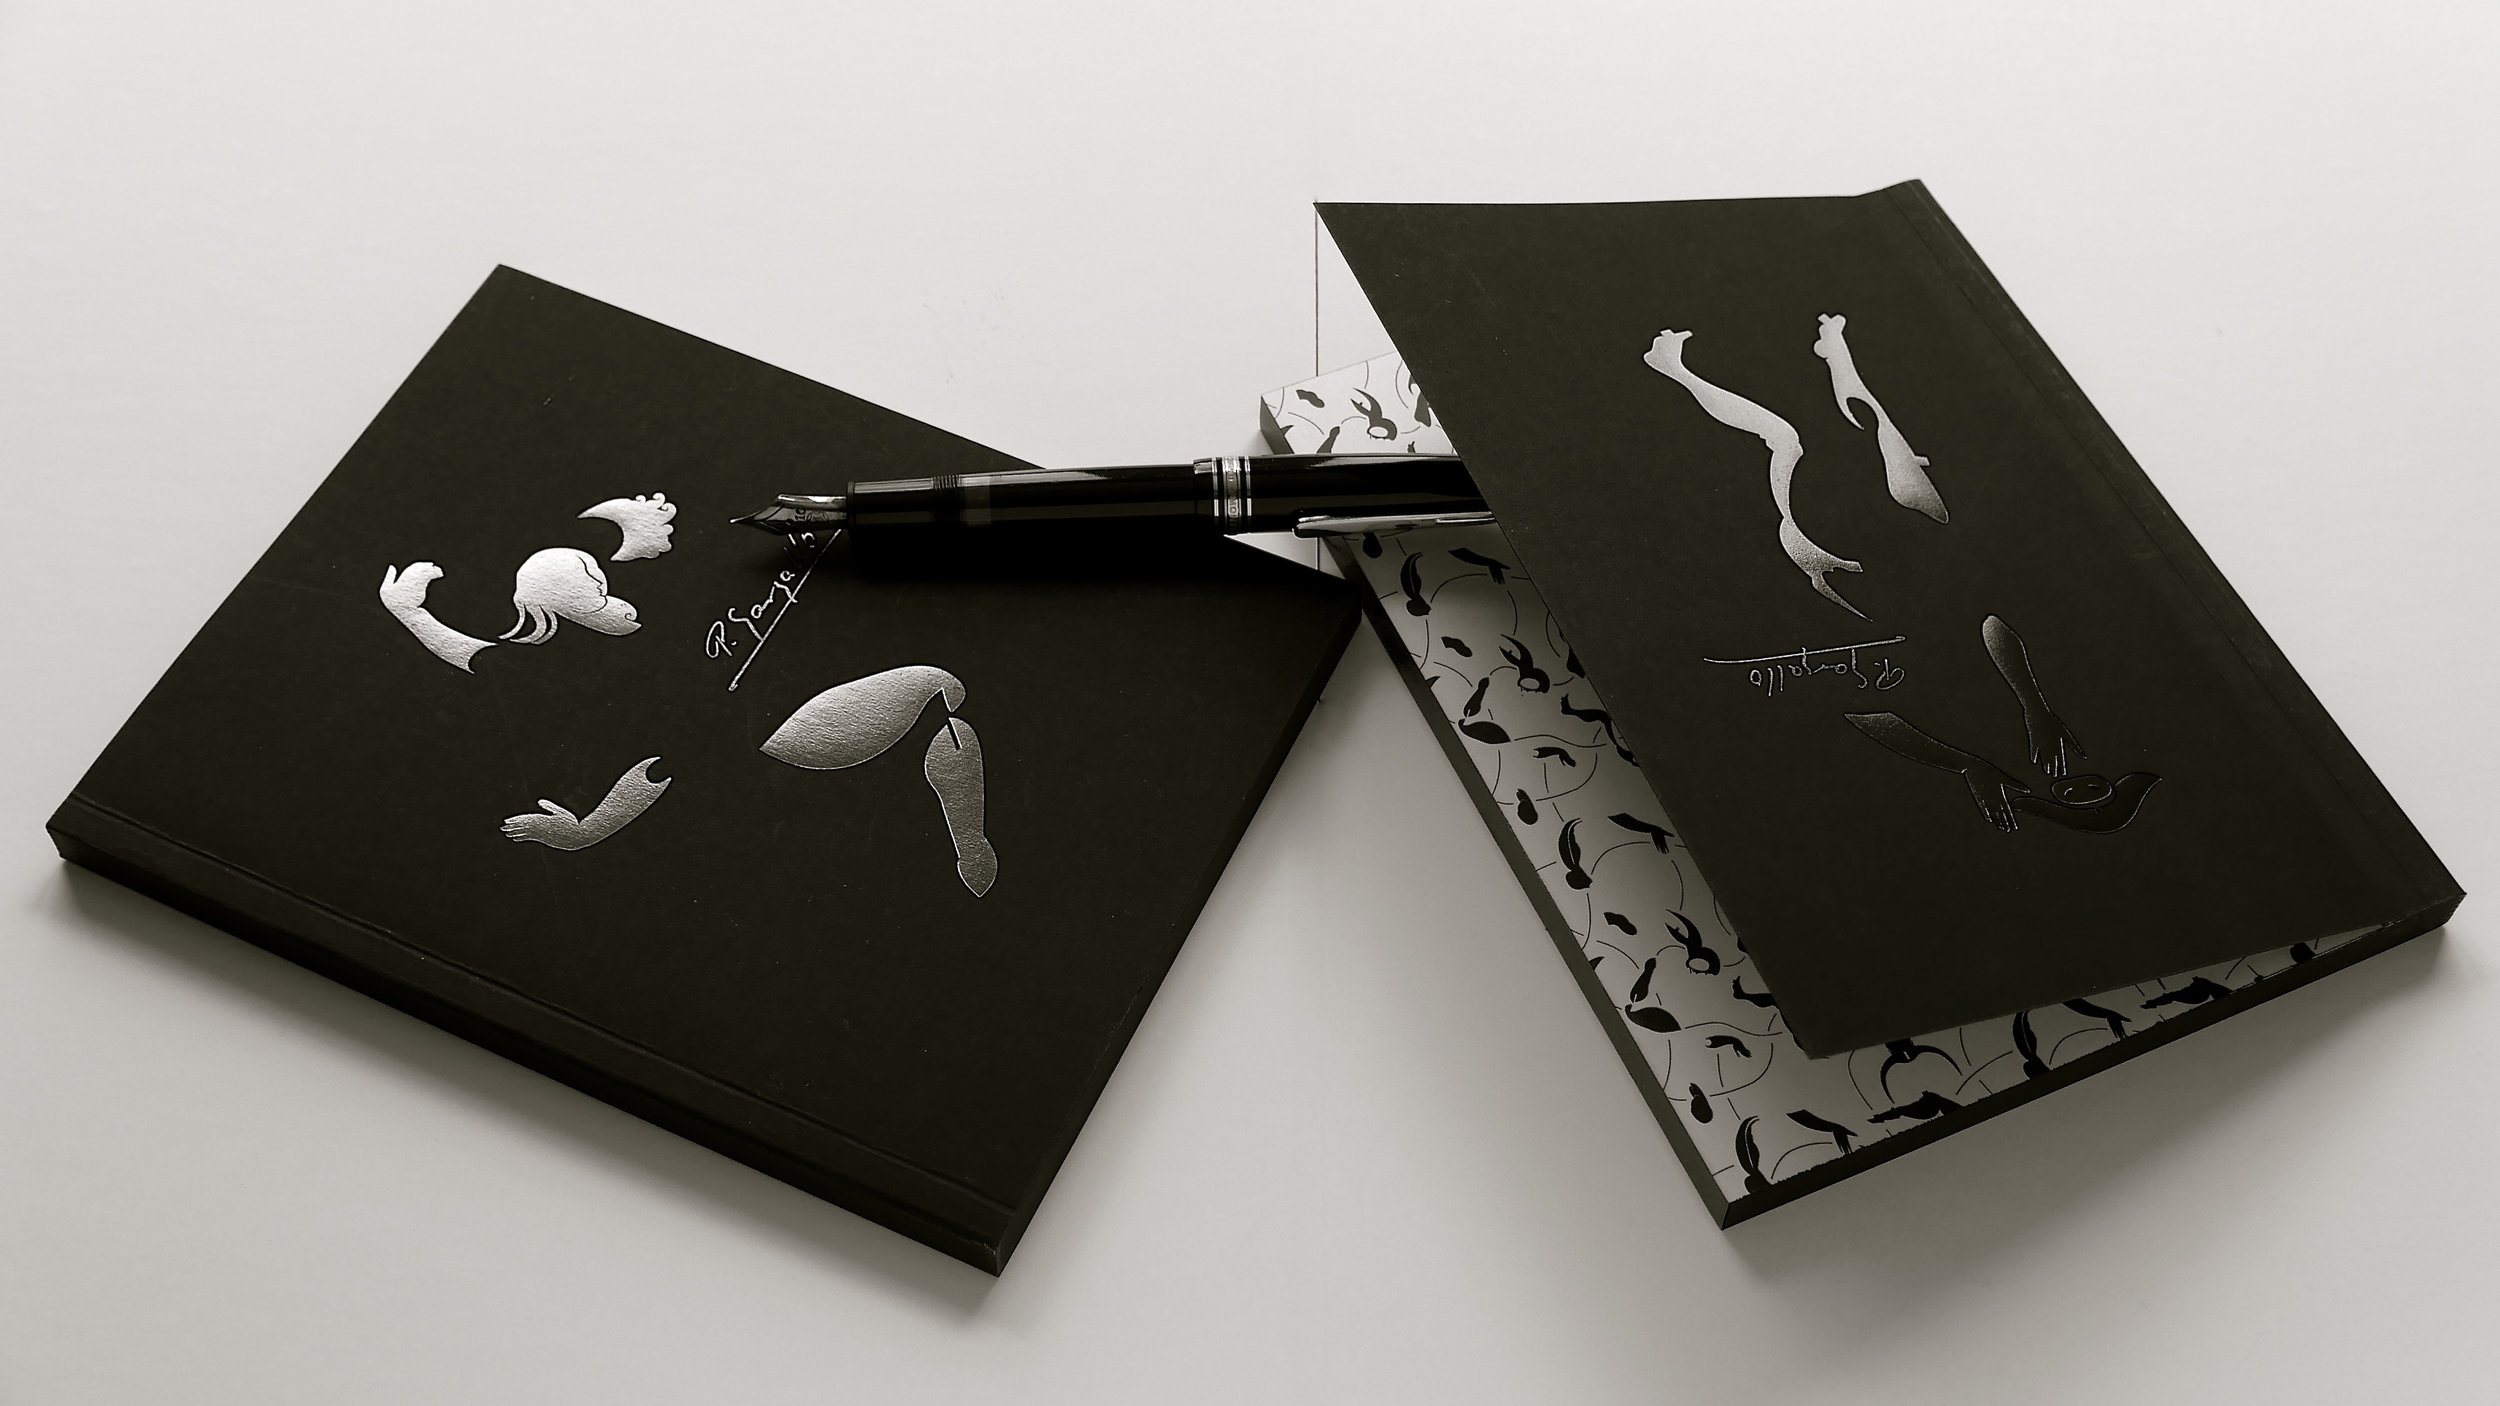 Cuadernos P. Gargallo